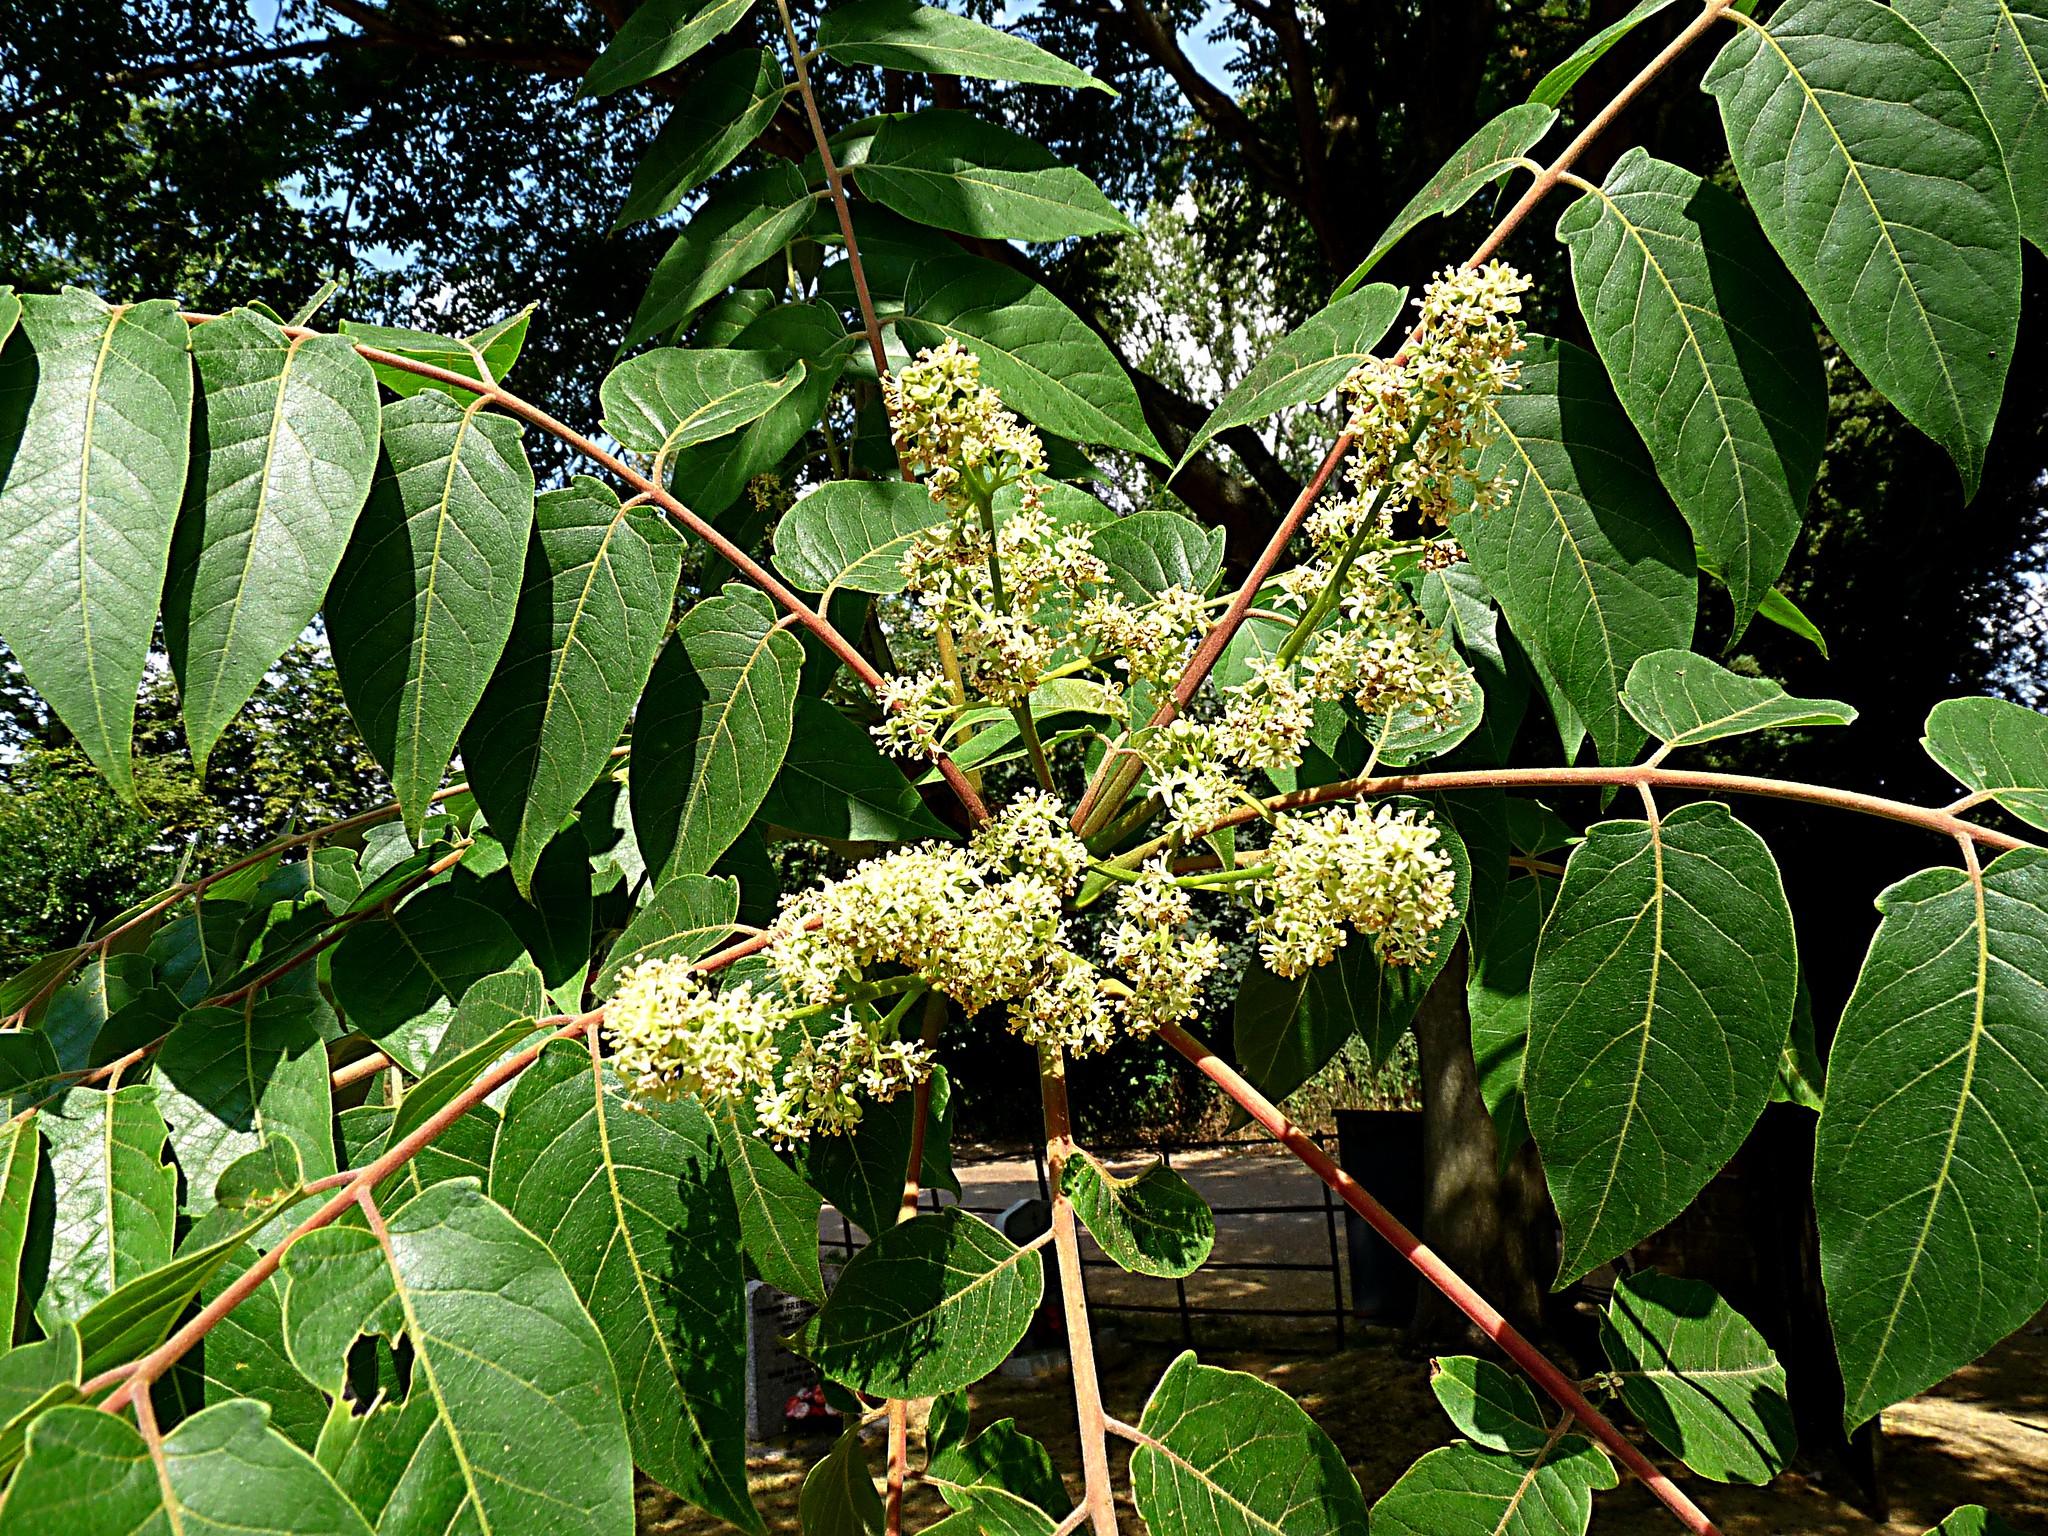 La flor de ailanto aparece en primavera